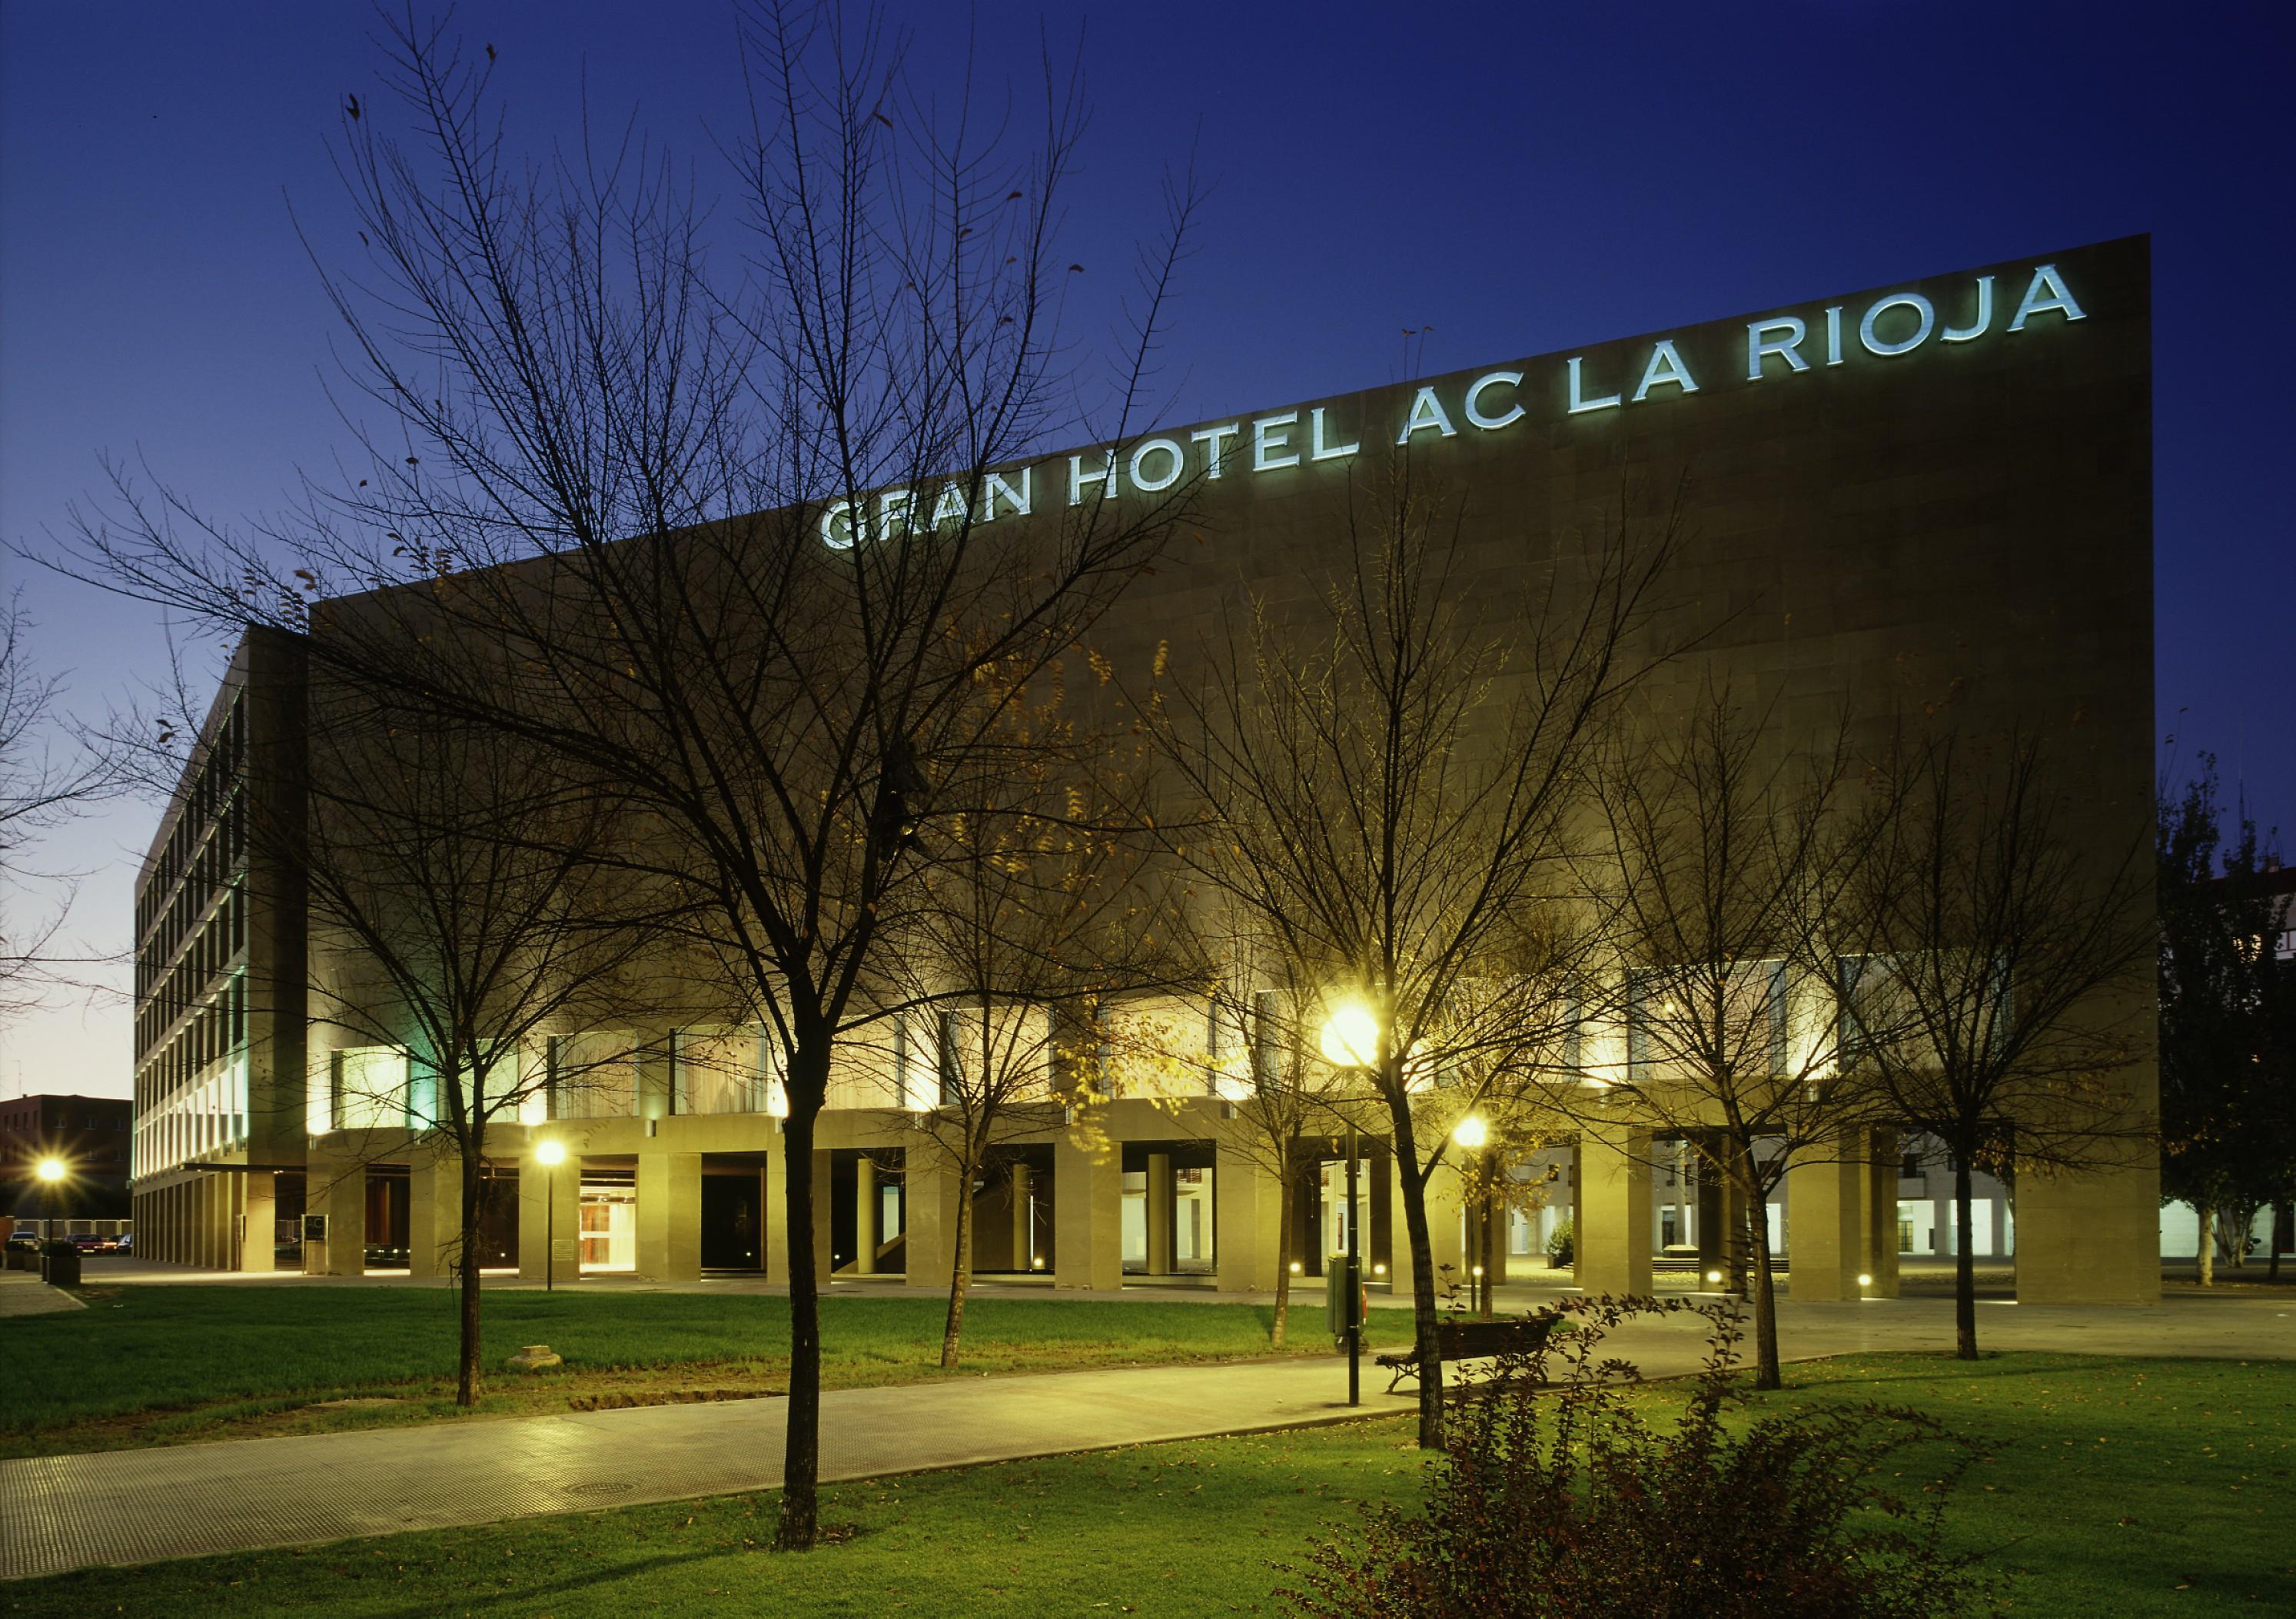 Gran hotel ac la rioja alojamientos la rioja turismo for Hoteles en la rioja